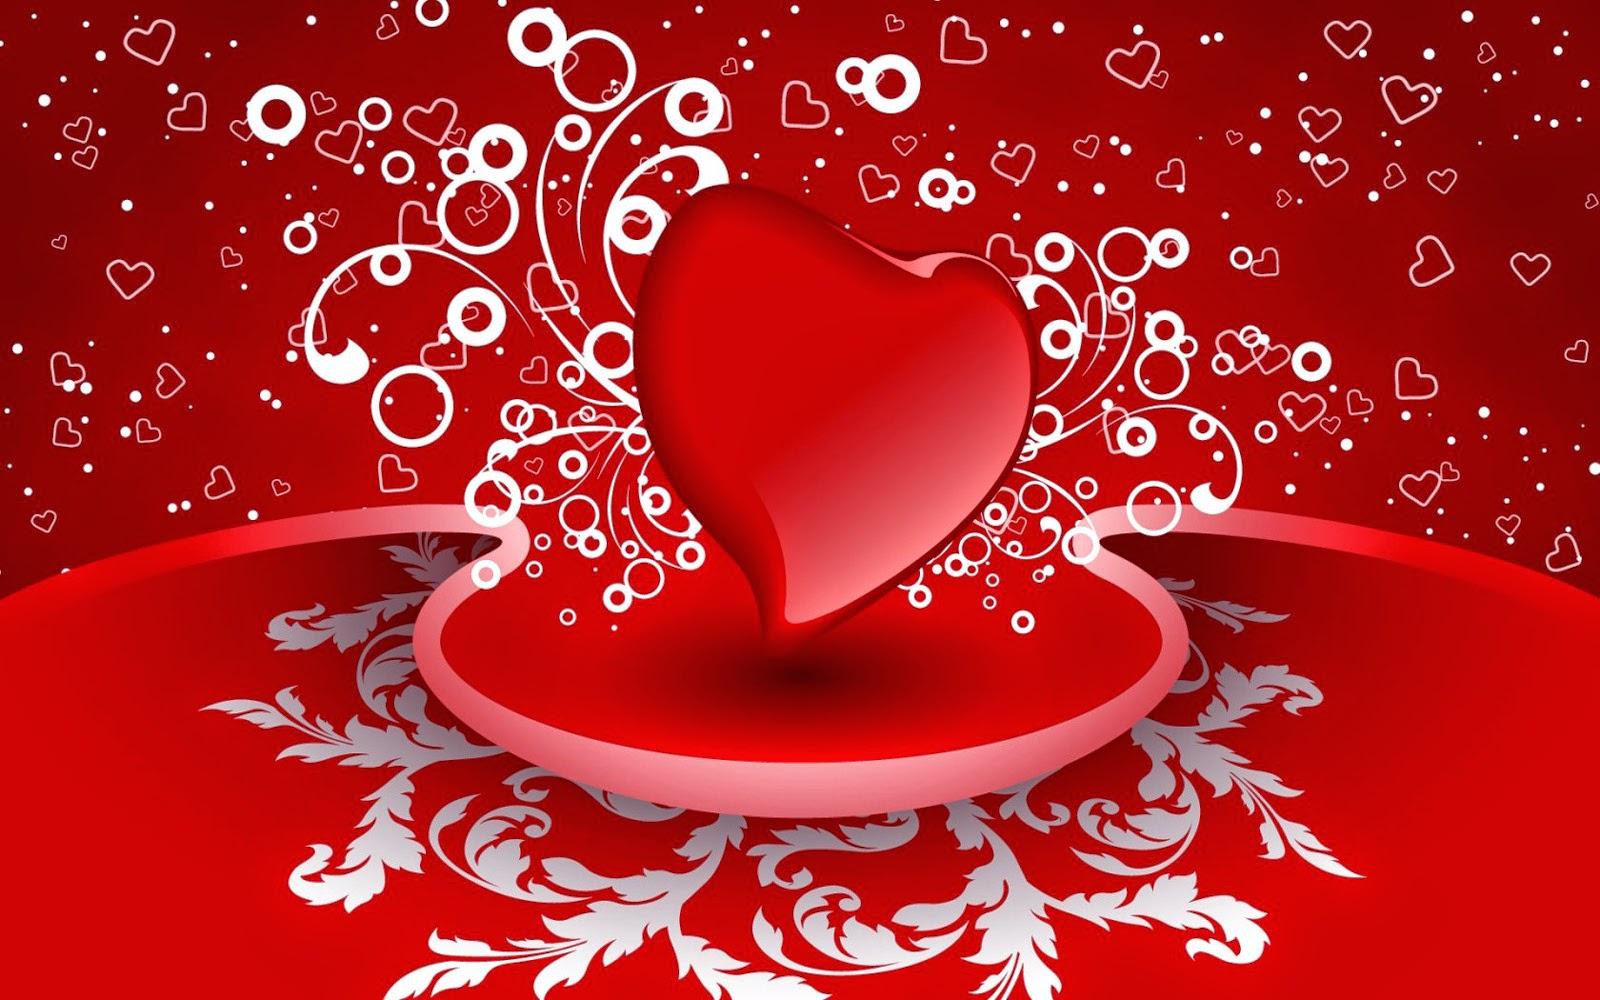 hinh-valentine-dep-ngay-le-tinh-nhan-hinh-tinh-yeu-lang-mang-8